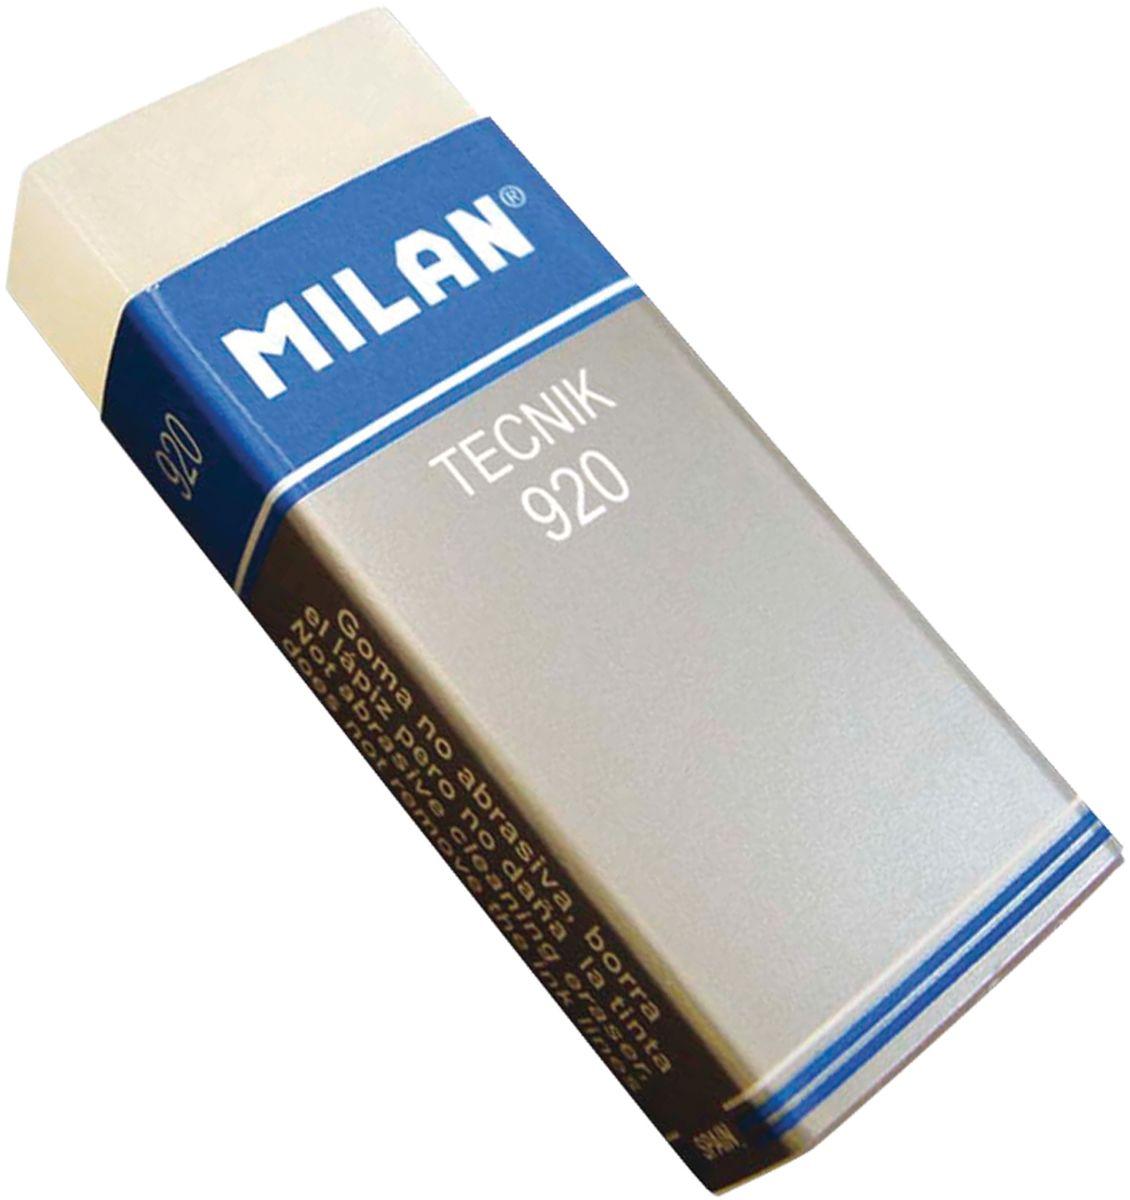 Milan Ластик Techik 920 прямоугольный CPM920